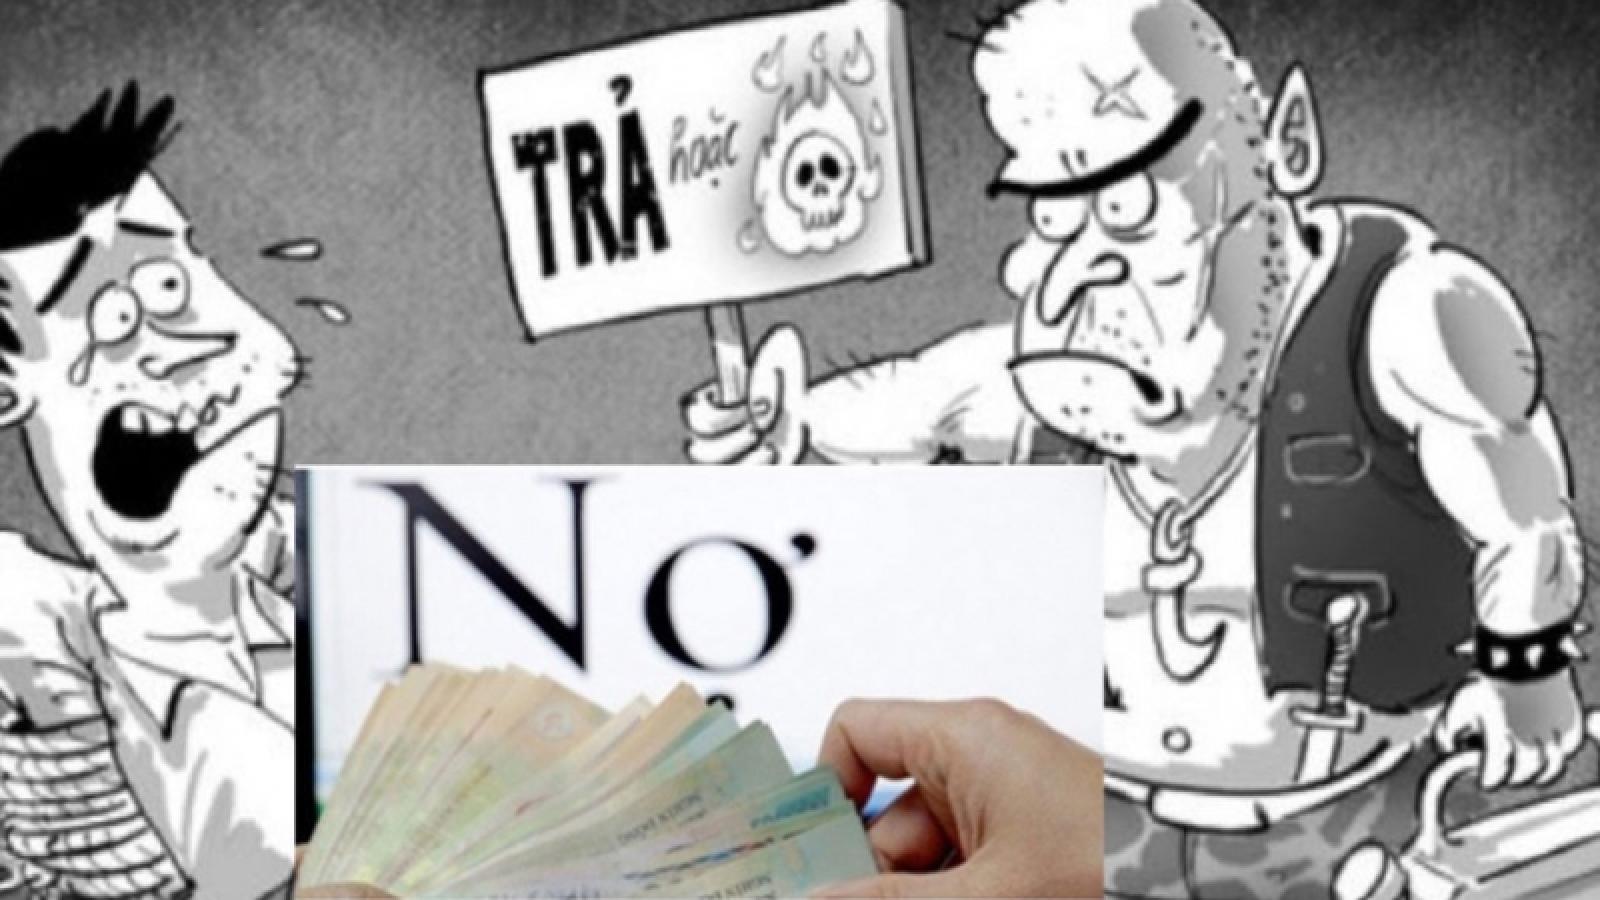 """Dịch vụ mua bán nợ - Biến tướng của """"đòi nợ thuê""""?"""